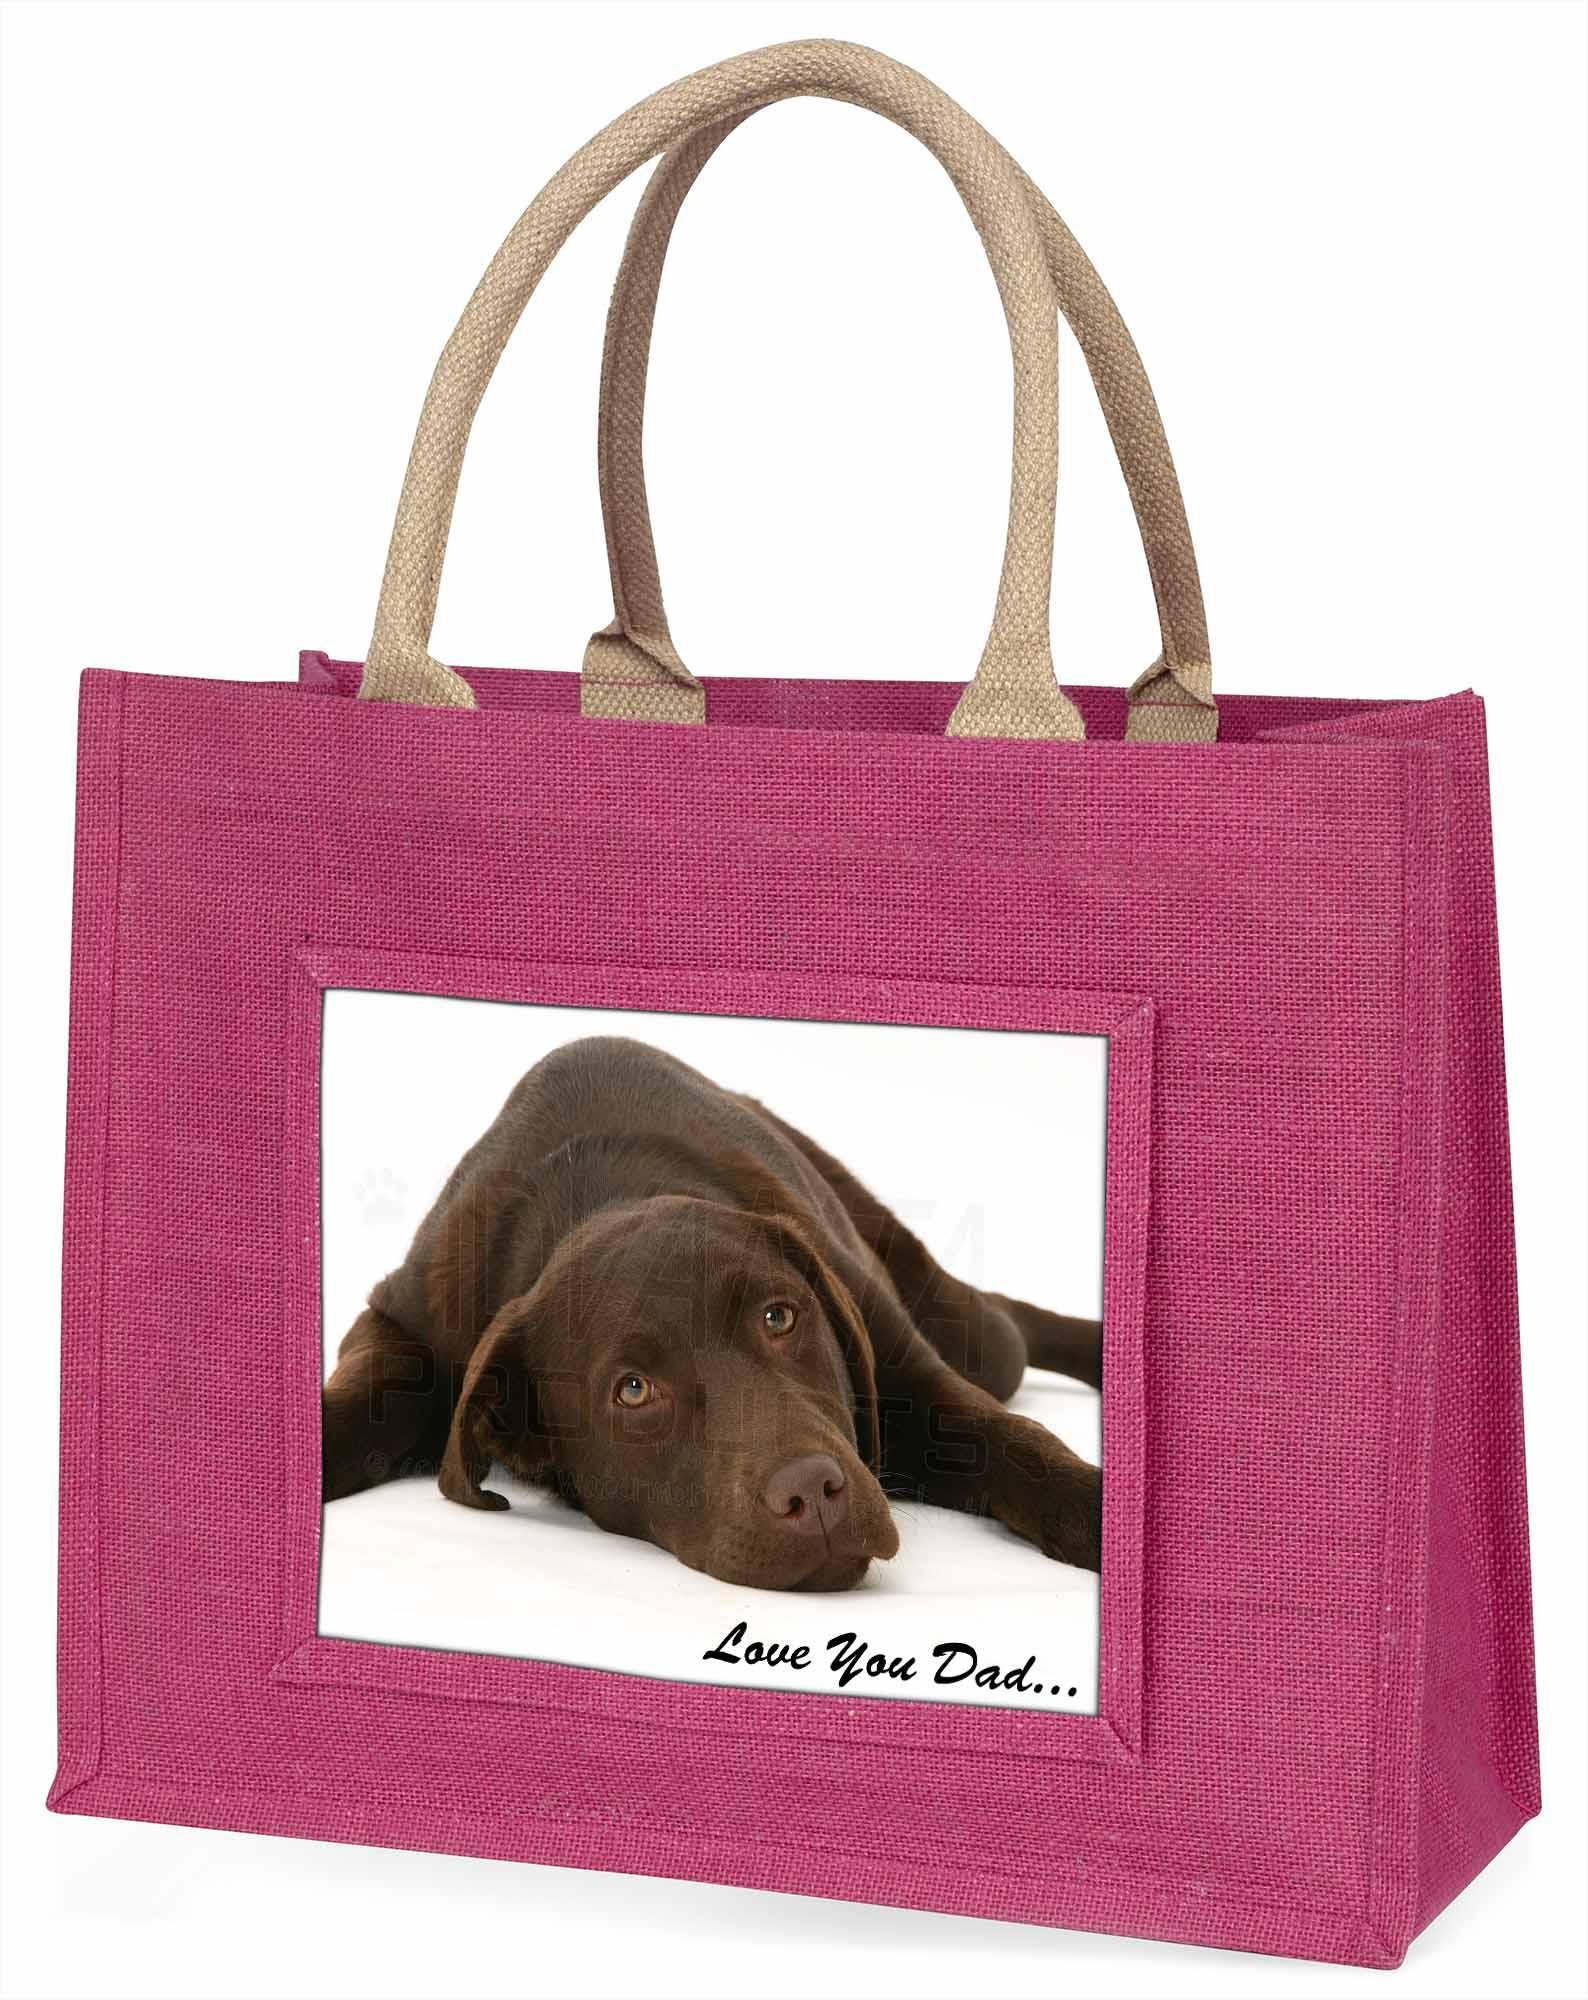 Labrador' liebe Dich Papa' Stimmung große rosa Einkaufstasche Christmas